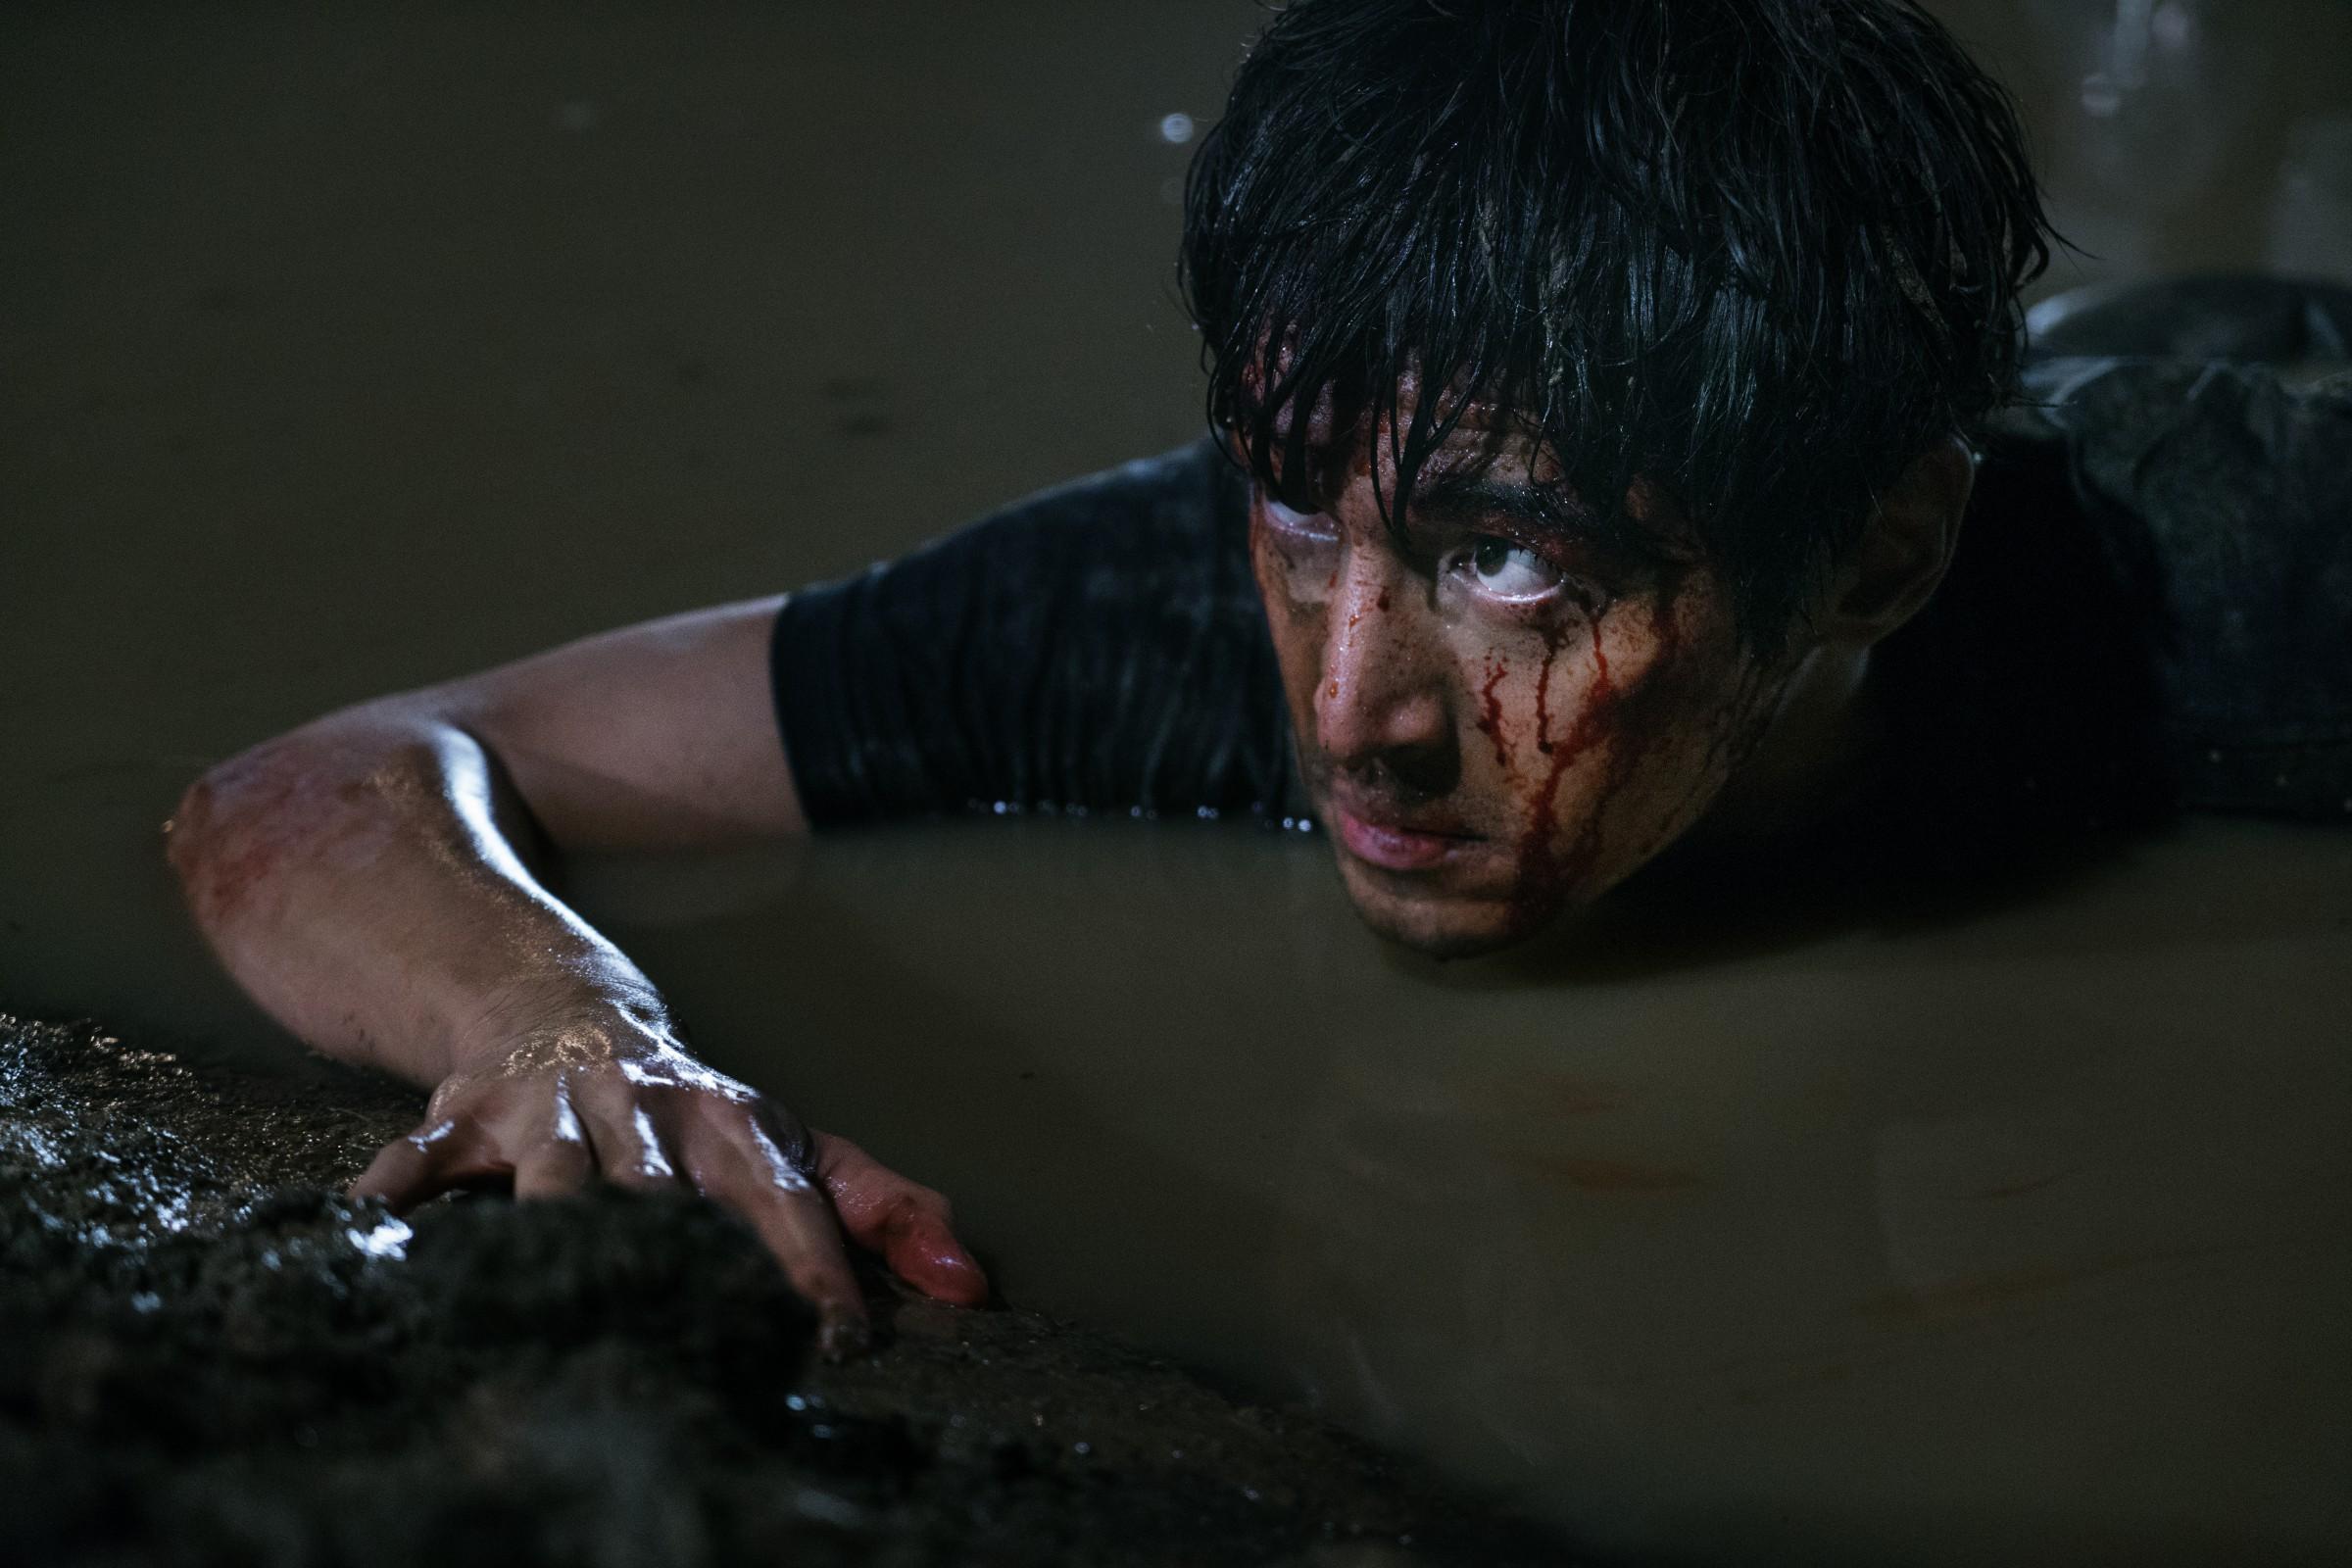 《南方車站的聚會》胡歌飾演逃犯周澤農,浸泡泥水4小時不喊苦